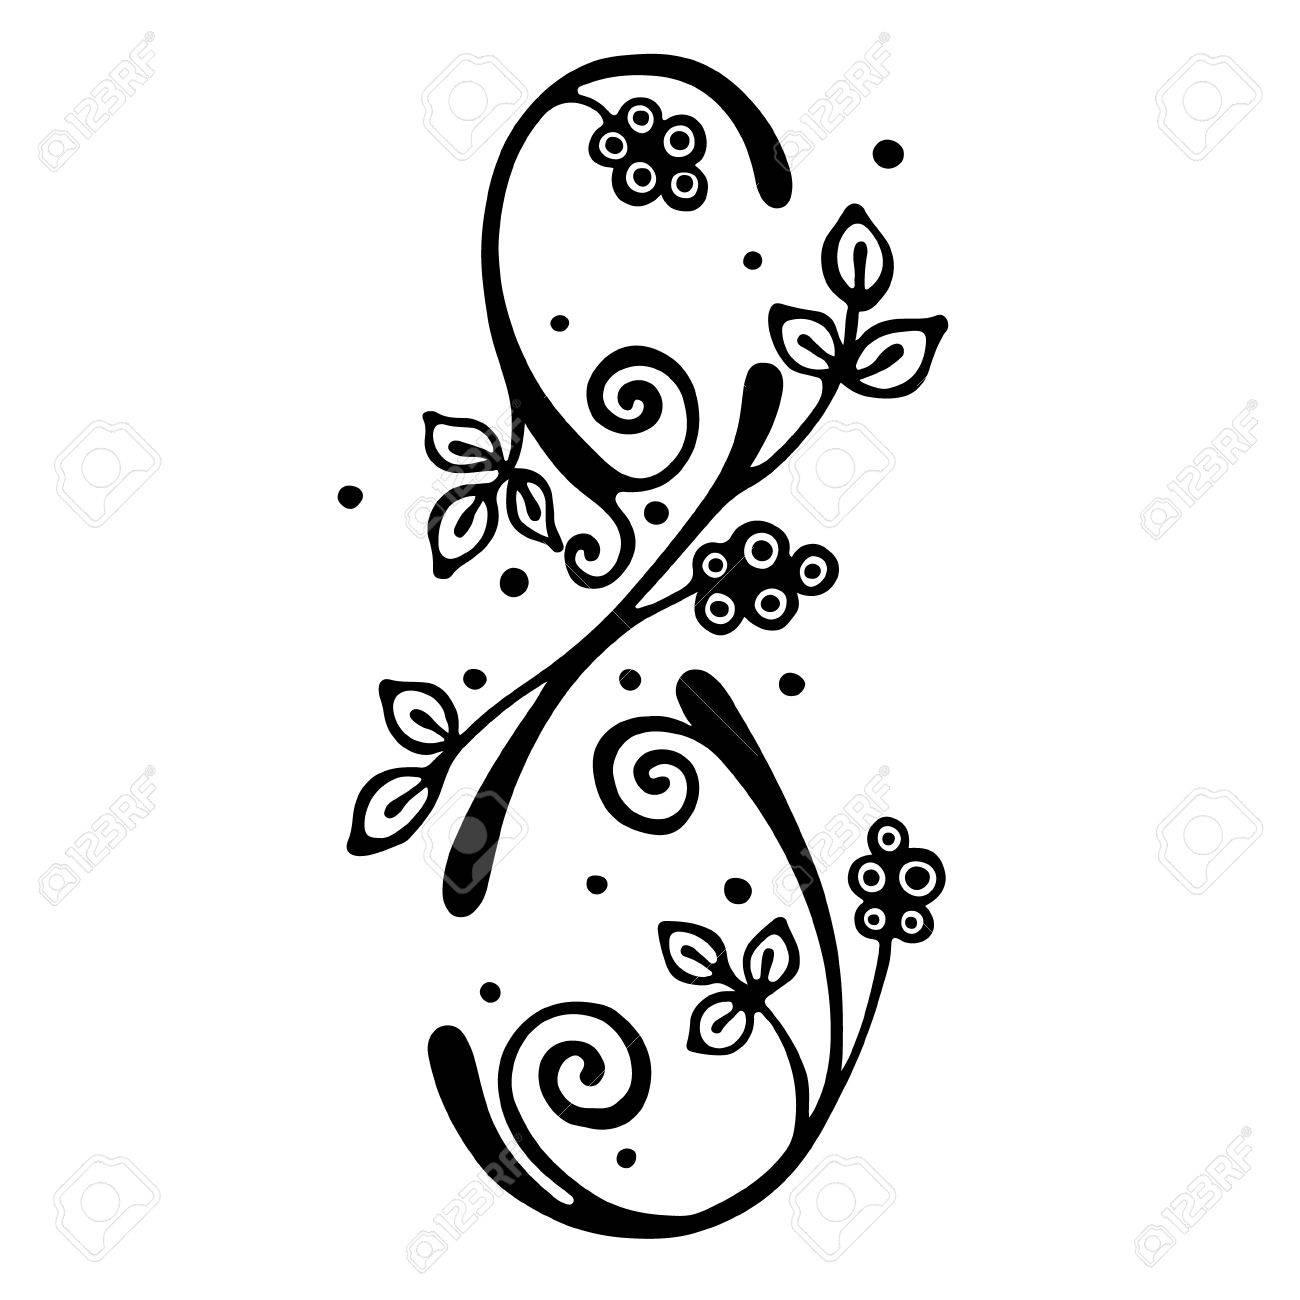 Vector Ilustração Desenhada A Mão Número Estilizado Decorativo Oito Em Forma De árvore Com Ramo Flores Deixa Ilustração Gráfica Isolada Em Preto E